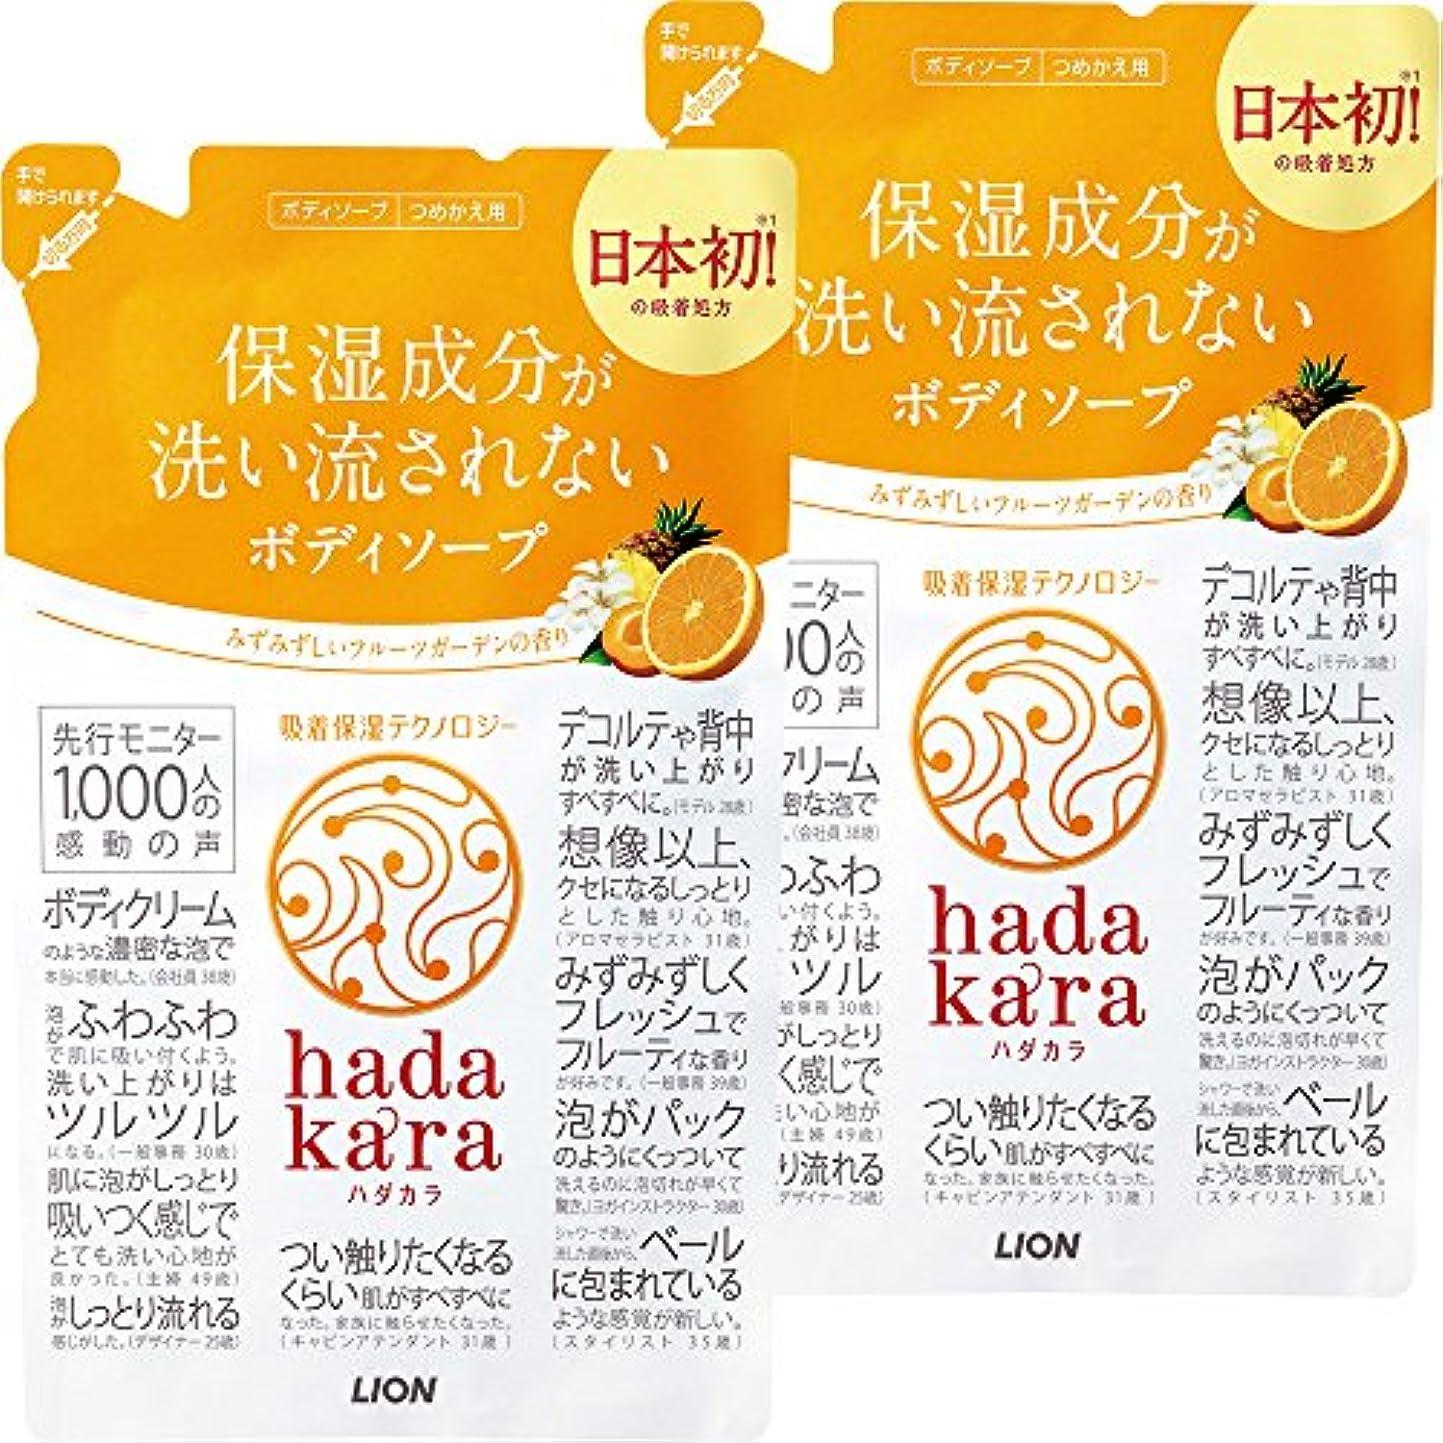 適用するくるみ意気揚々【まとめ買い】hadakara(ハダカラ) ボディソープ フルーツガーデンの香り 詰め替え 360ml×2個パック